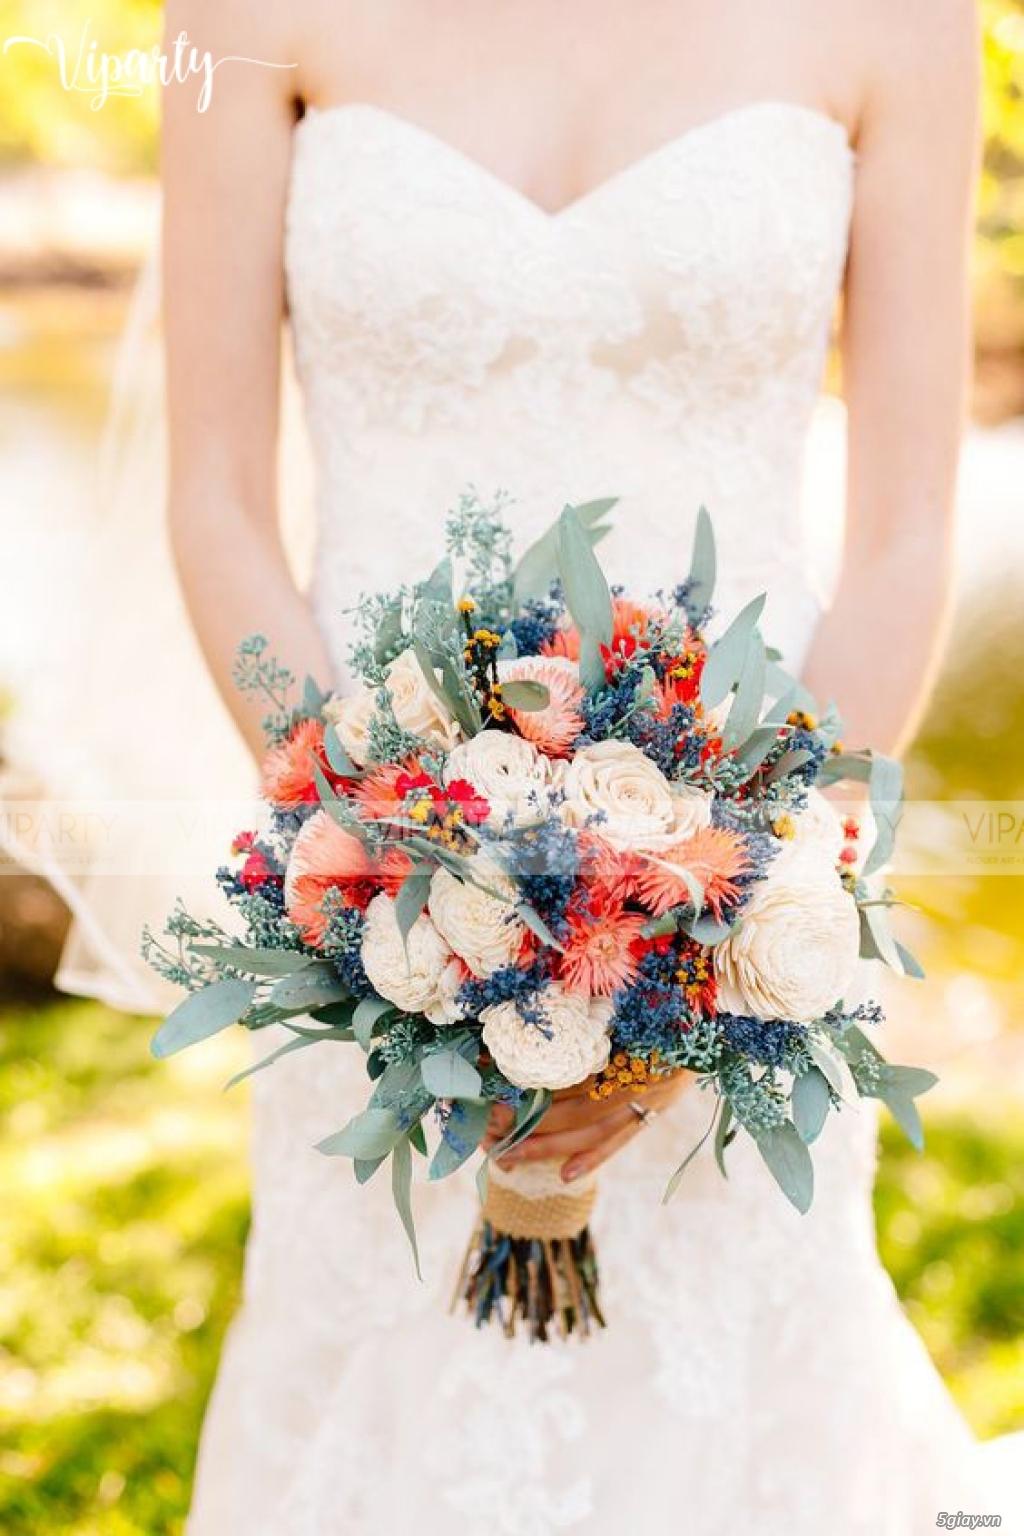 Chuyên cung cấp: Hoa cầm tay Cô Dâu & Hoa Sự Kiện : Wedding & Events - 33